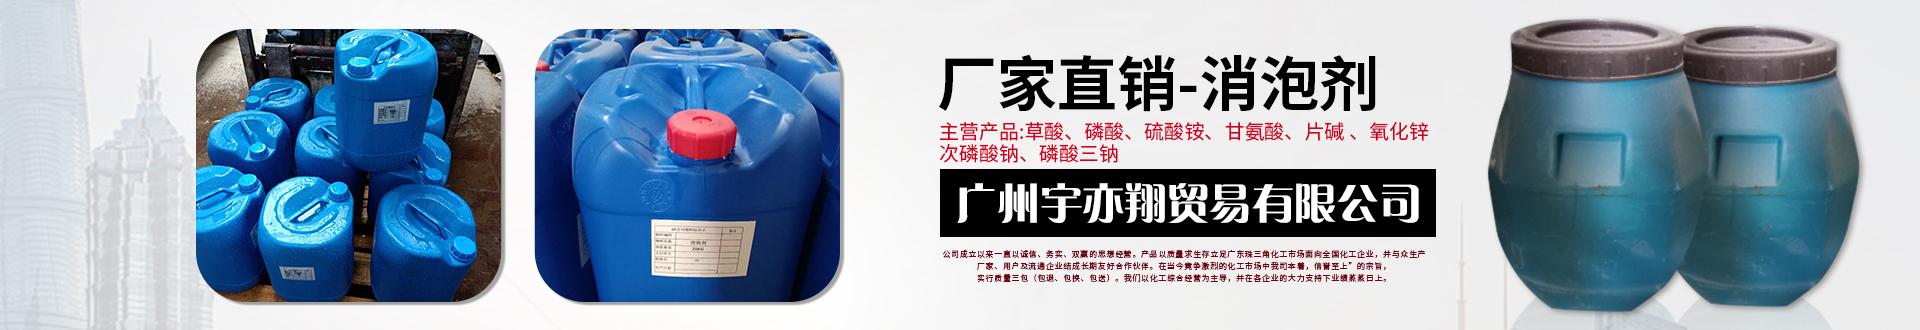 广州宇亦翔贸易有限公司